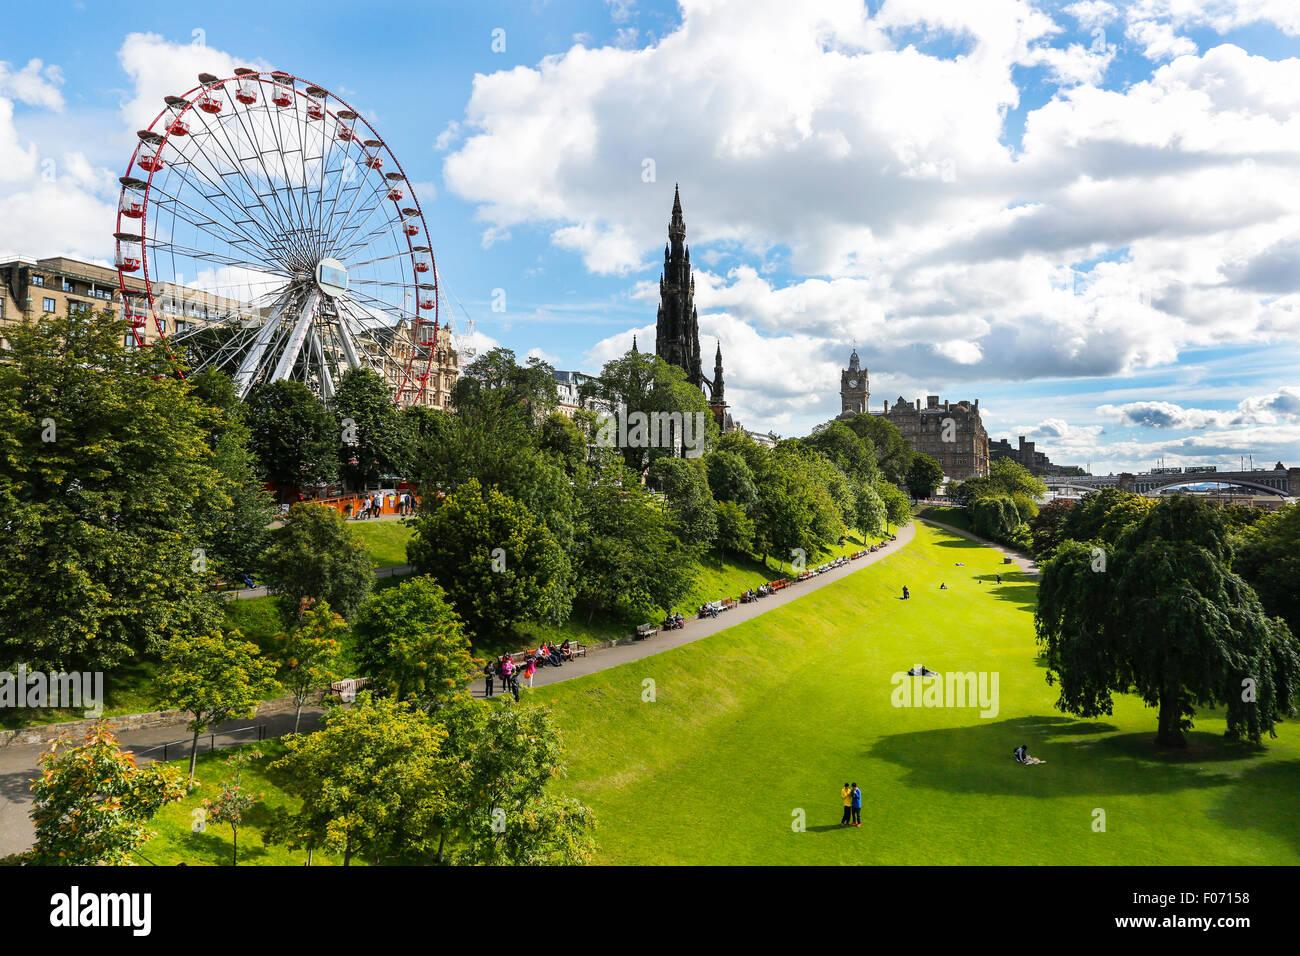 Princes Street Gardens, Edinburgh with a view to Scott Monument and the Princes Street Ferris wheel. Scotland, UK Stock Photo